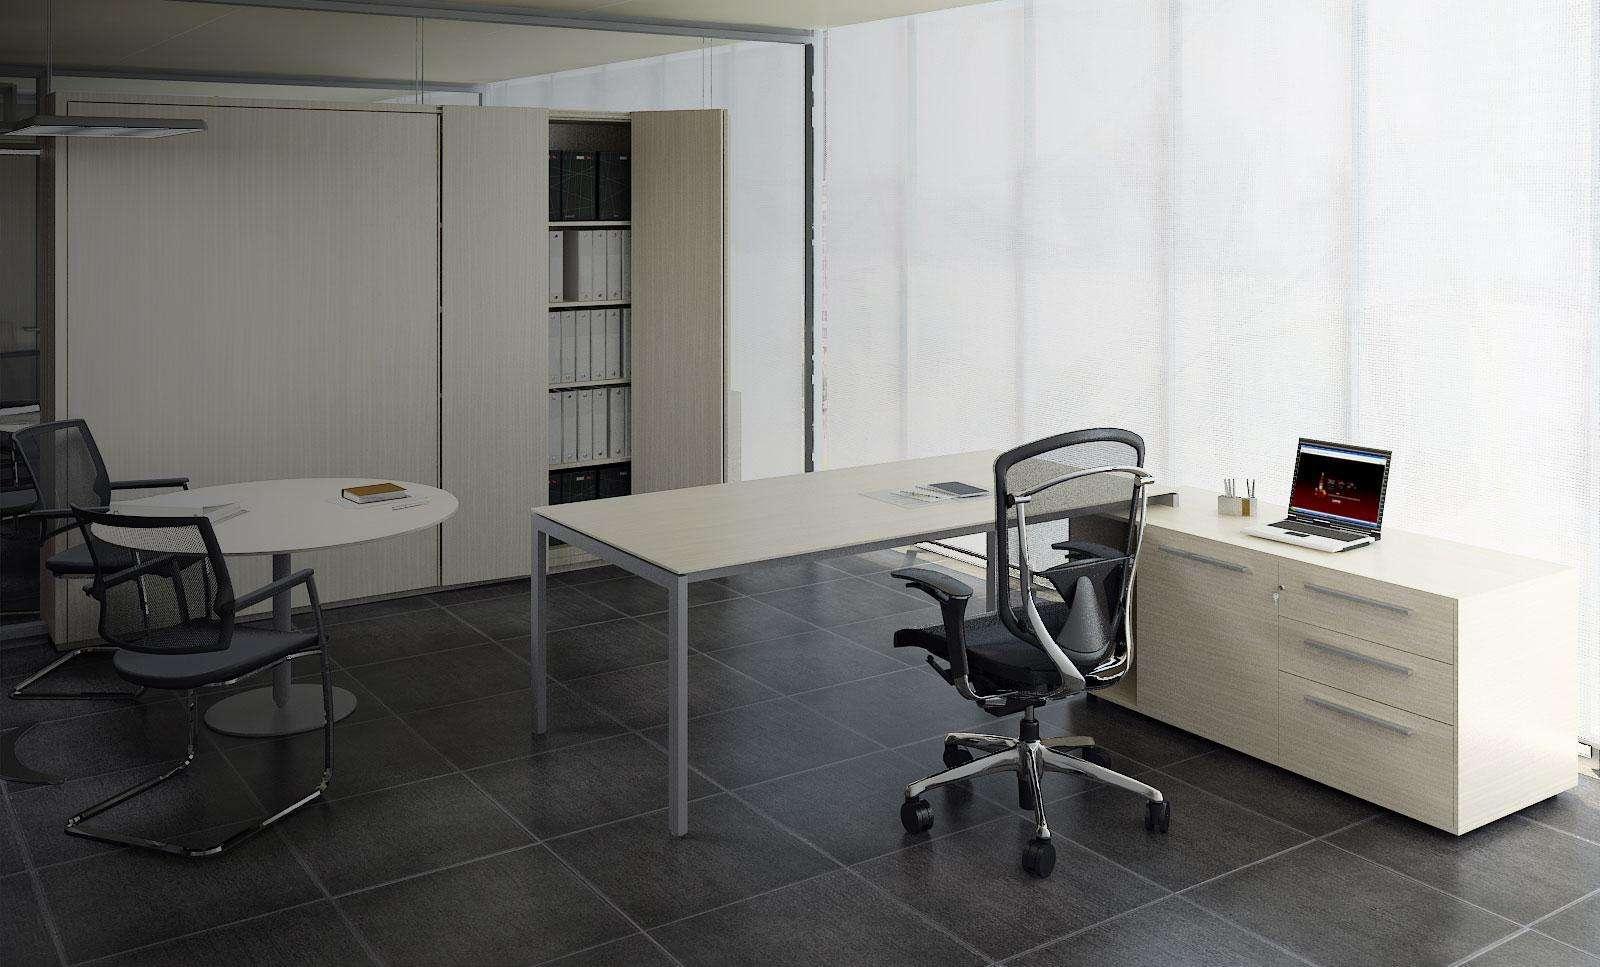 scrivania direzionale del sistema d'arredo per ufficio Cartesio